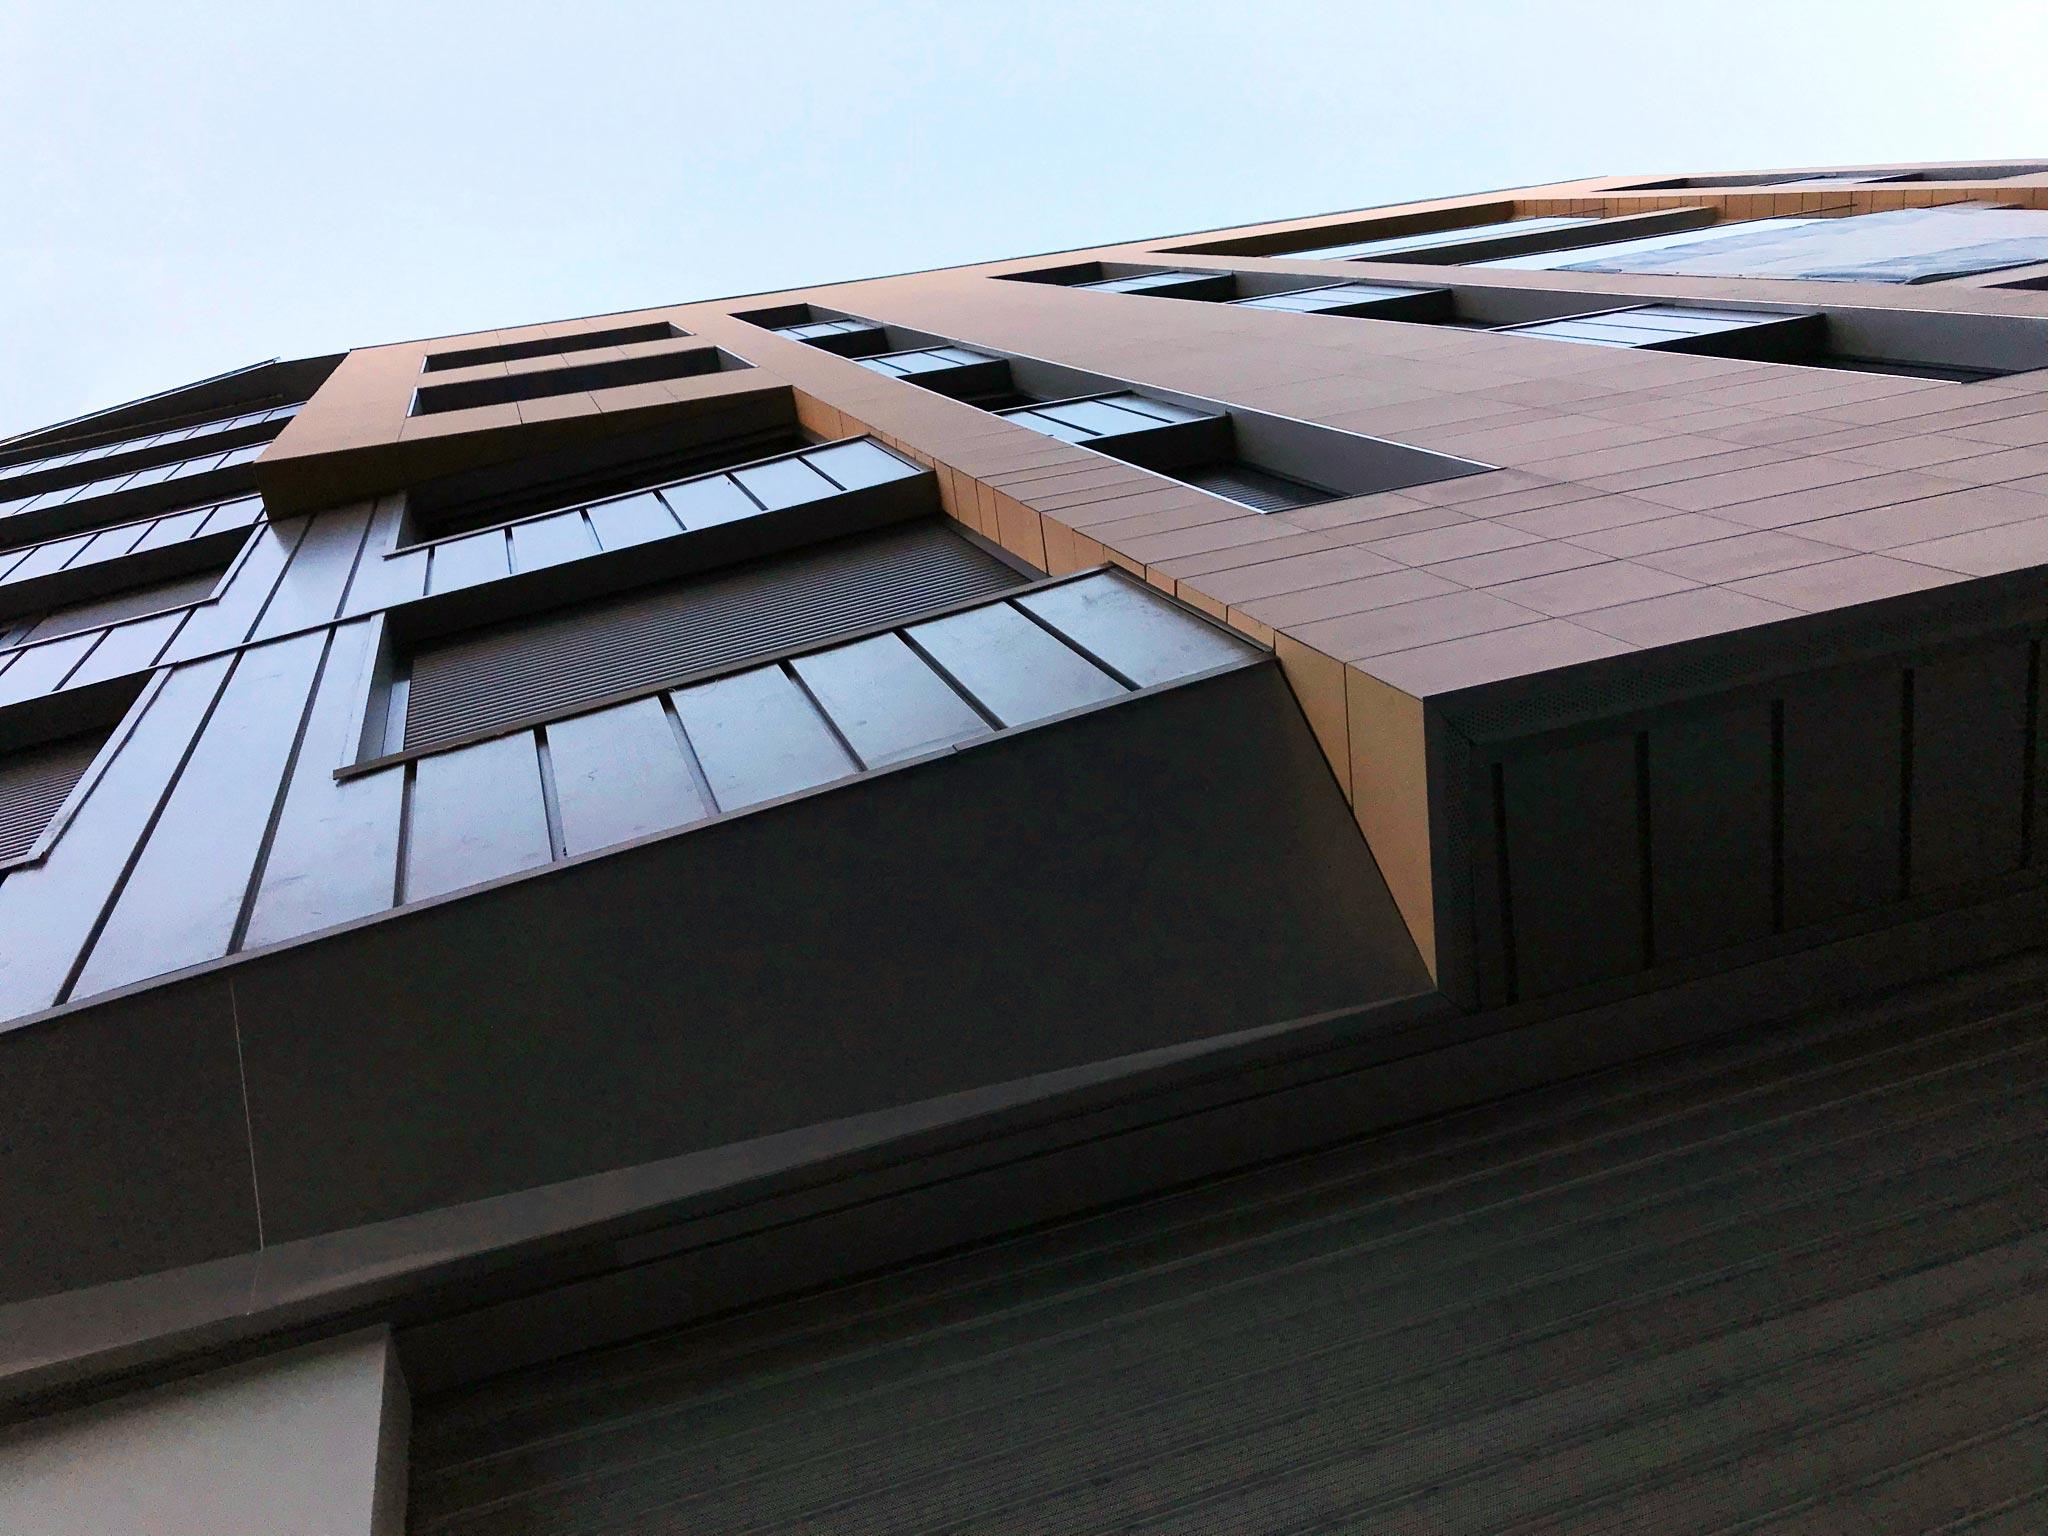 Fotografía contrapicada de la fachada del Edificio Pintor Lorenzo Casanova. Destaca la inclinación de la fachada que queda orientada hacia la Plaza Séneca.